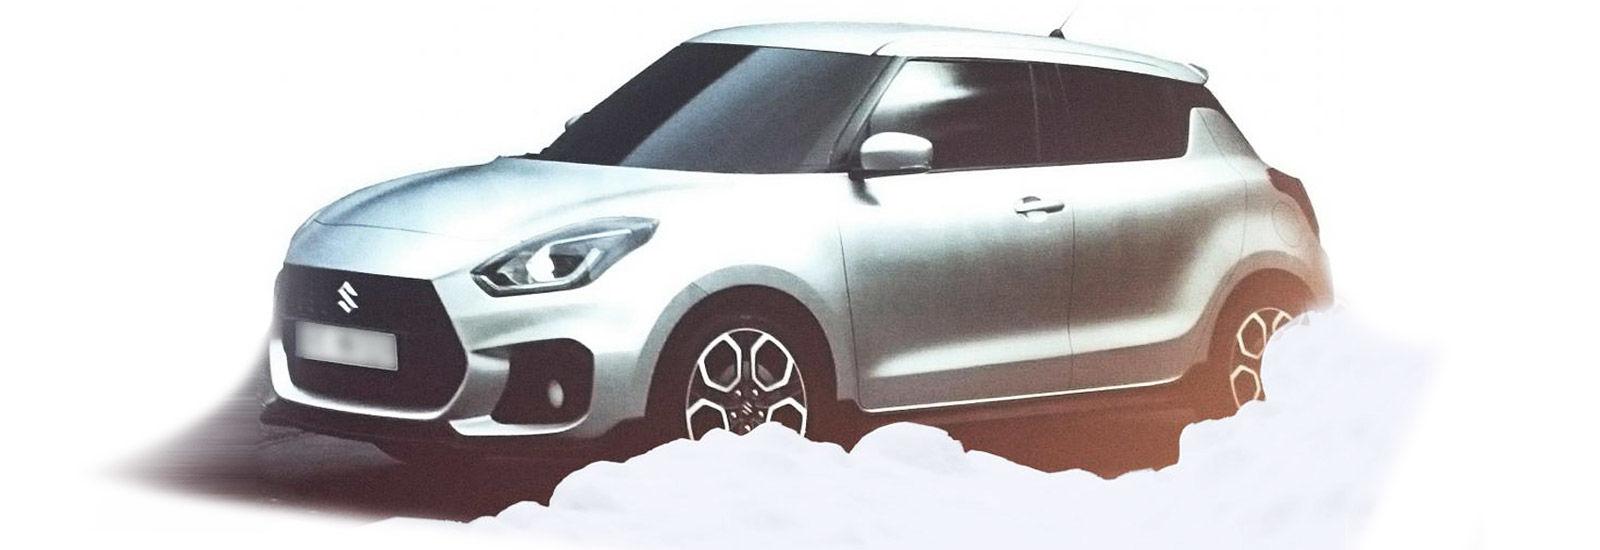 Suzuki Wreckers | We Buy All Suzuki Cars & SUVs and We Pay Cash